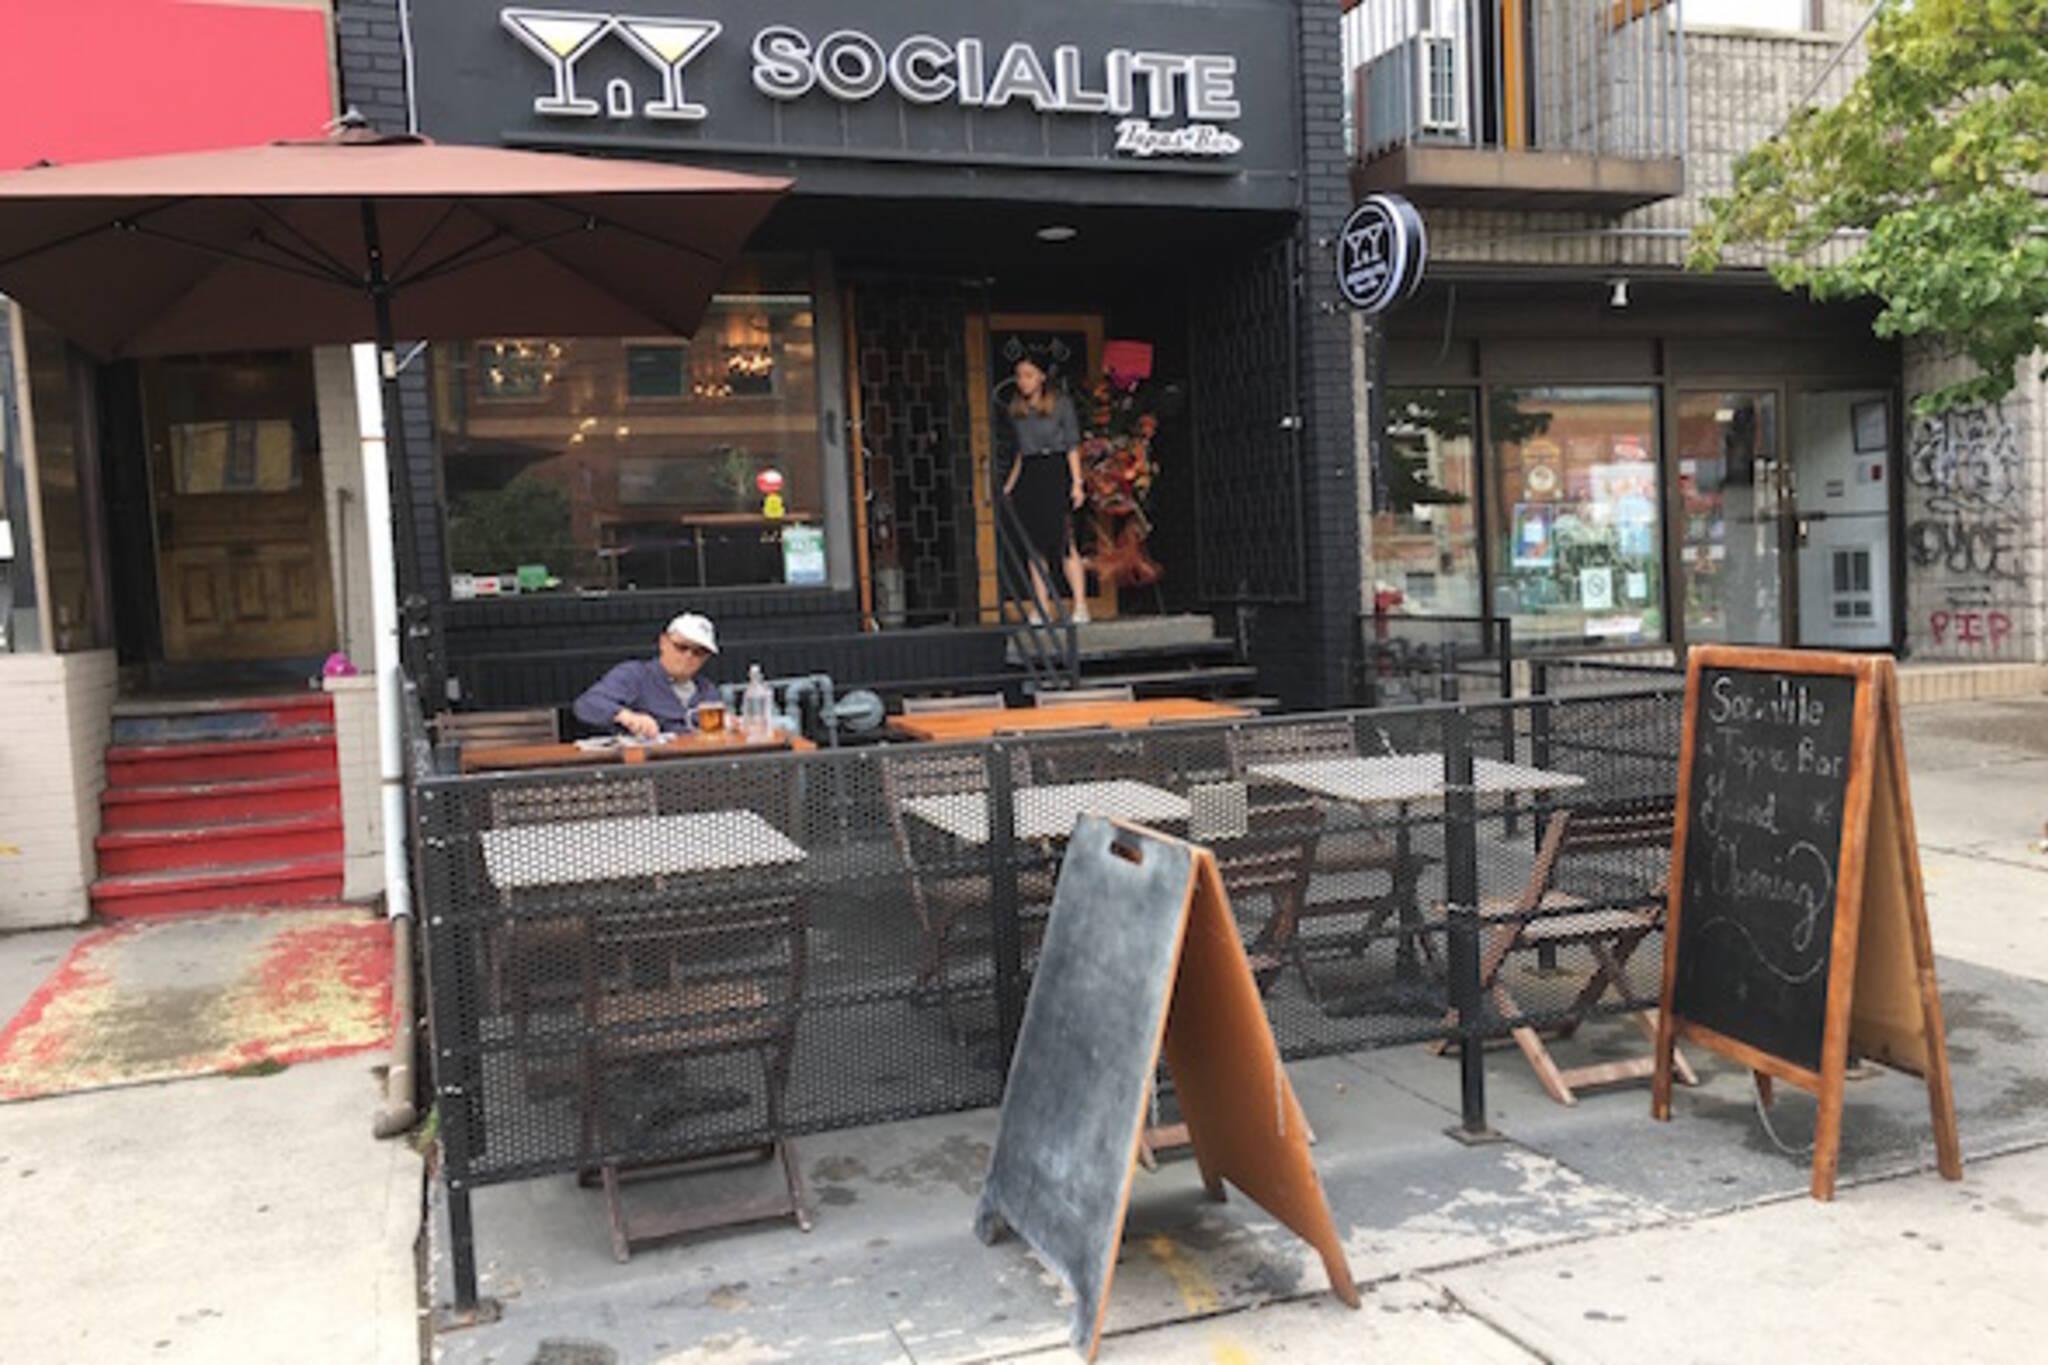 Socialite Tapas Bar Toronto